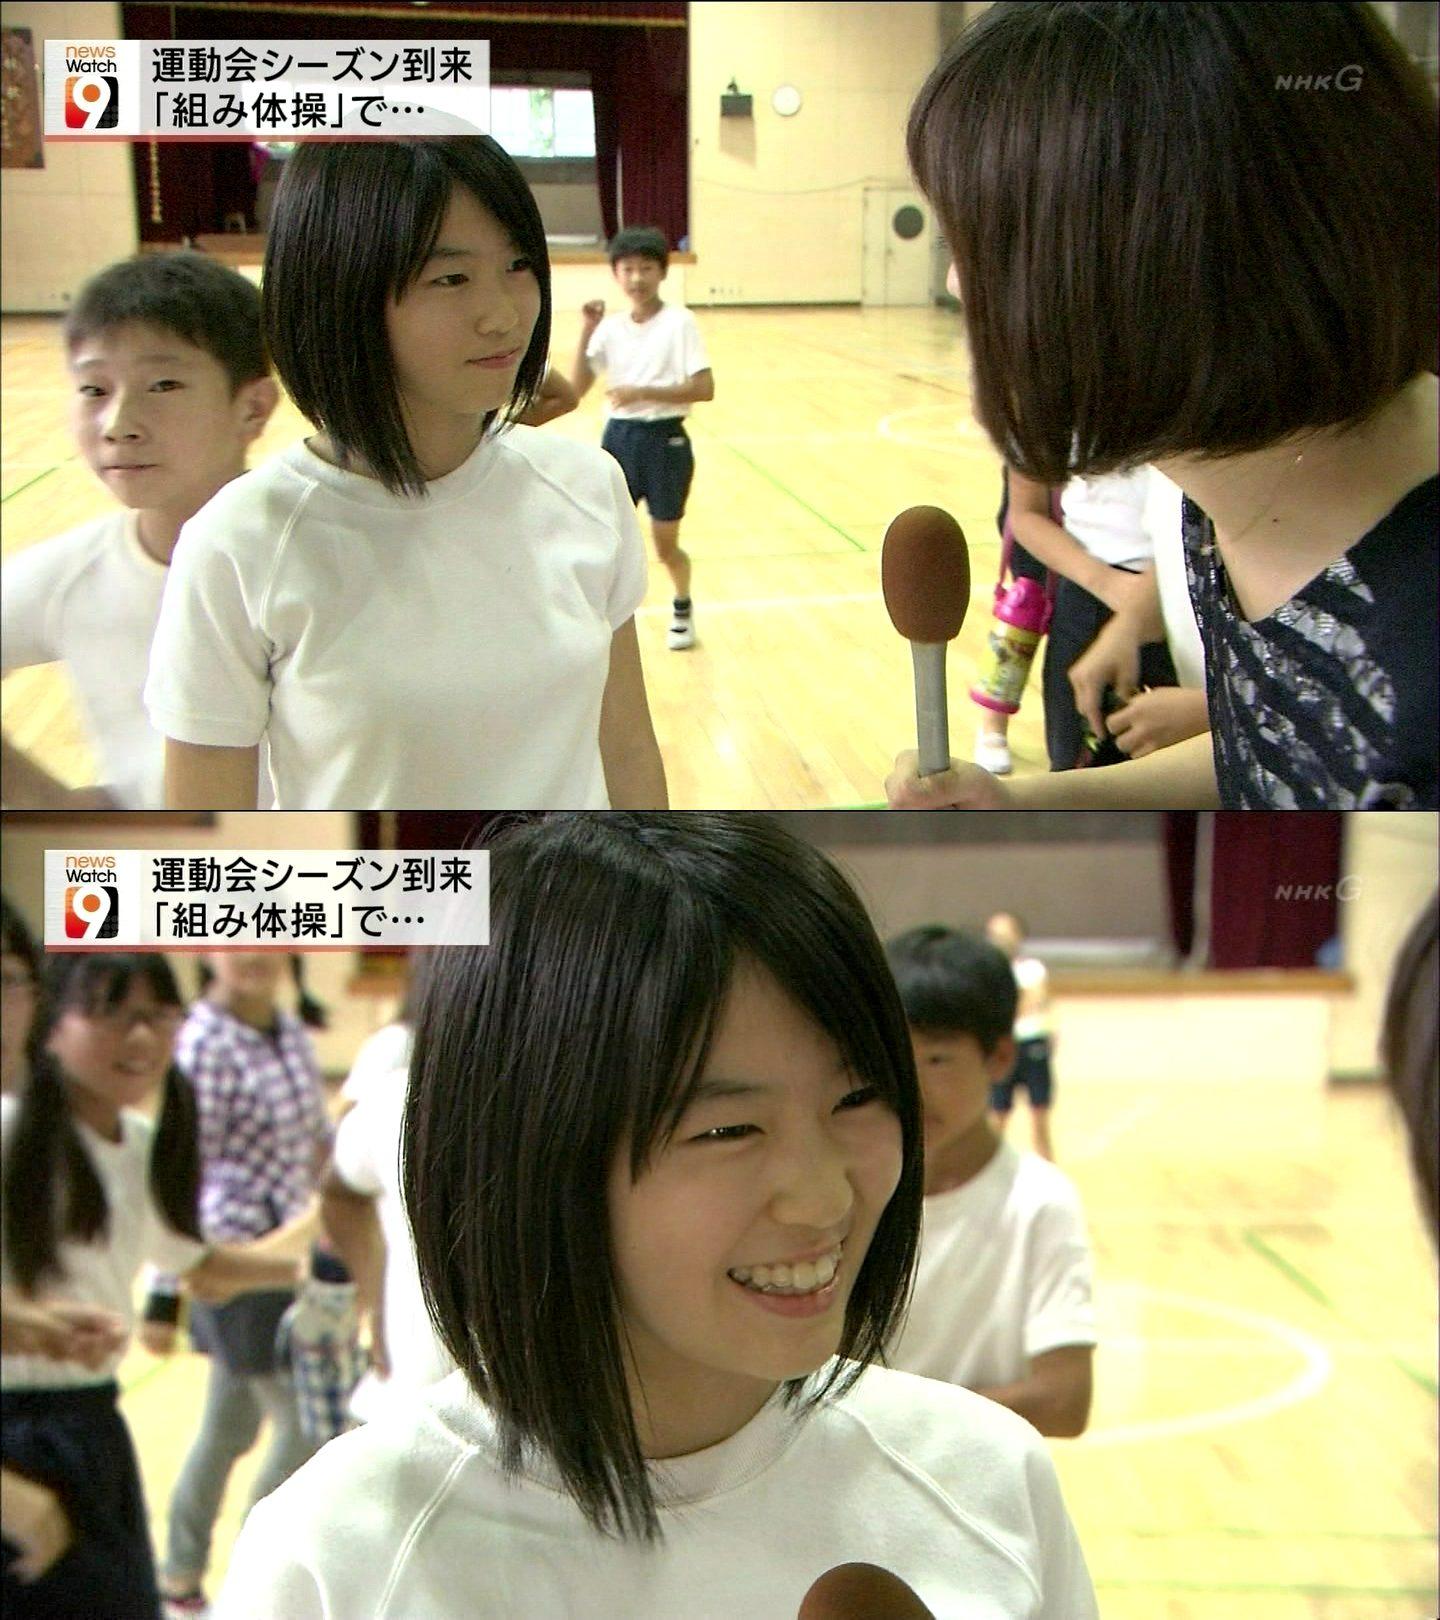 NHK「ニュースウオッチ9」に映った可愛い女子小学生の膨らみかけおっぱい